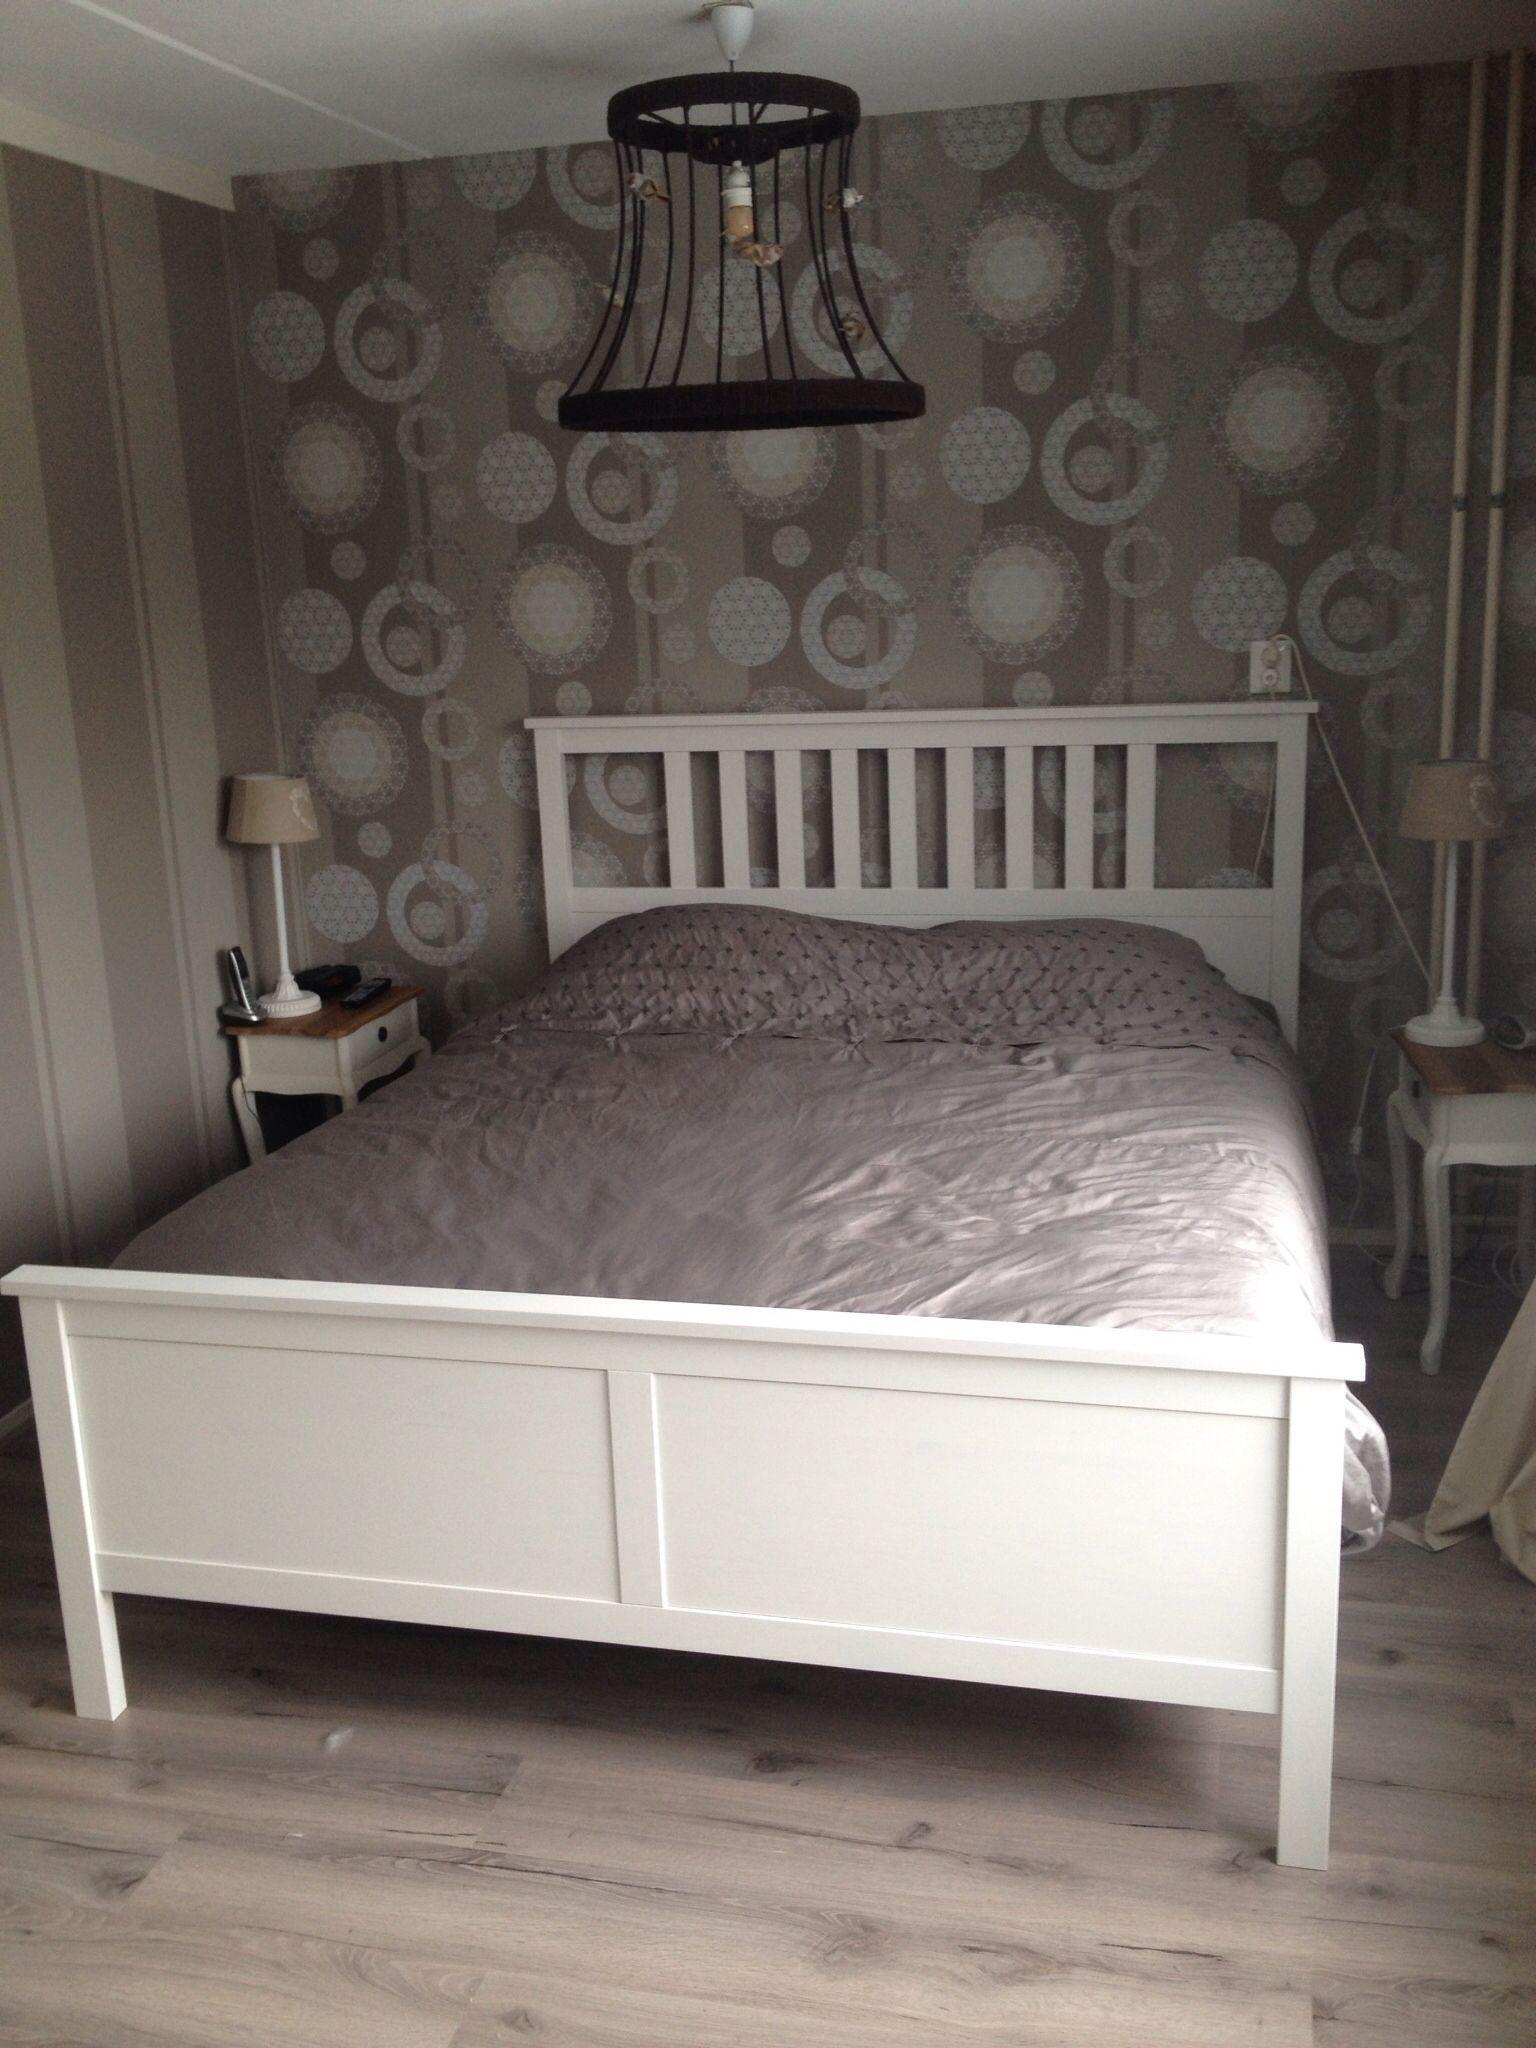 Ikea Hemnes Bed 160 X 200 Cm Ideal Bedroom Hemnes Bed Bed